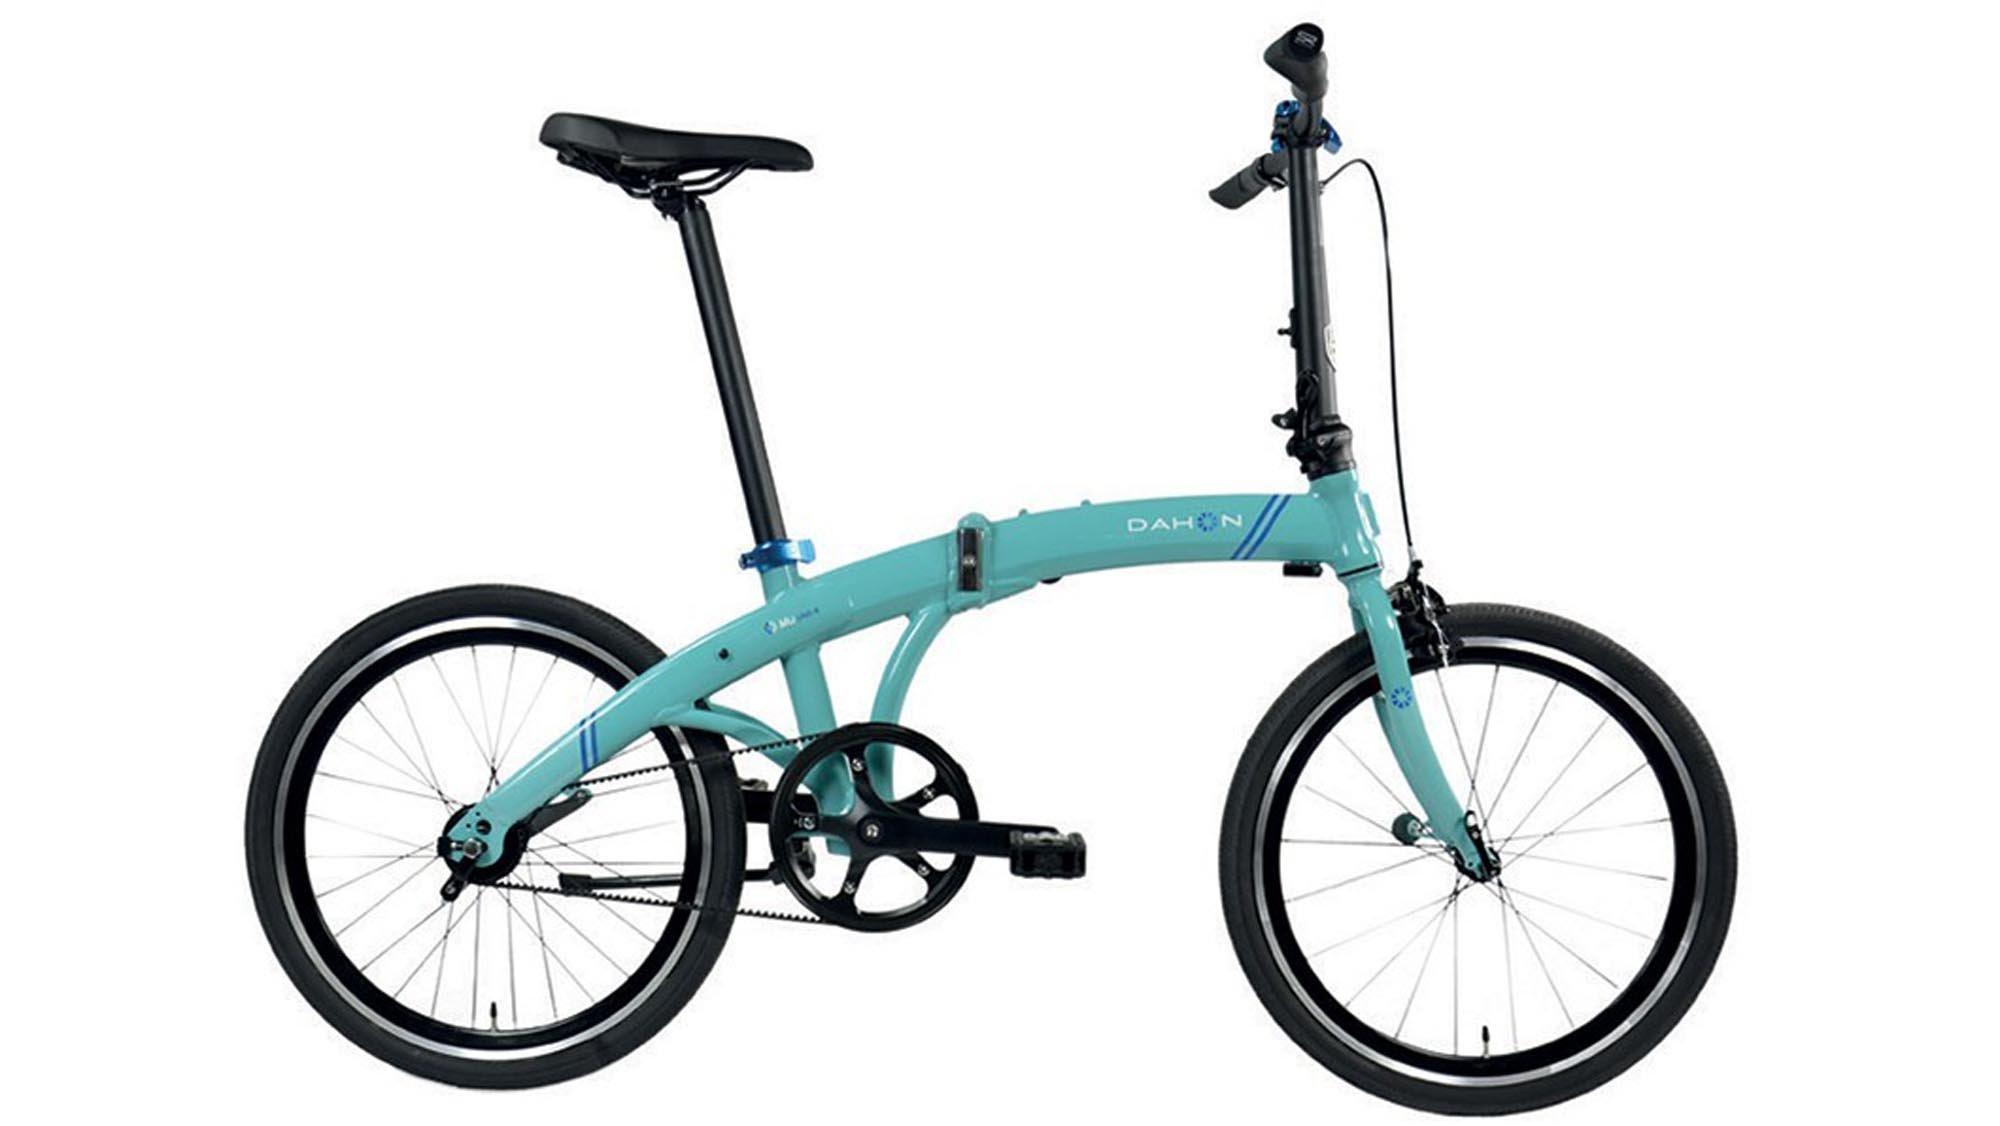 Best Folding Bike 2017 The Best Singlespeed And Geared Folding